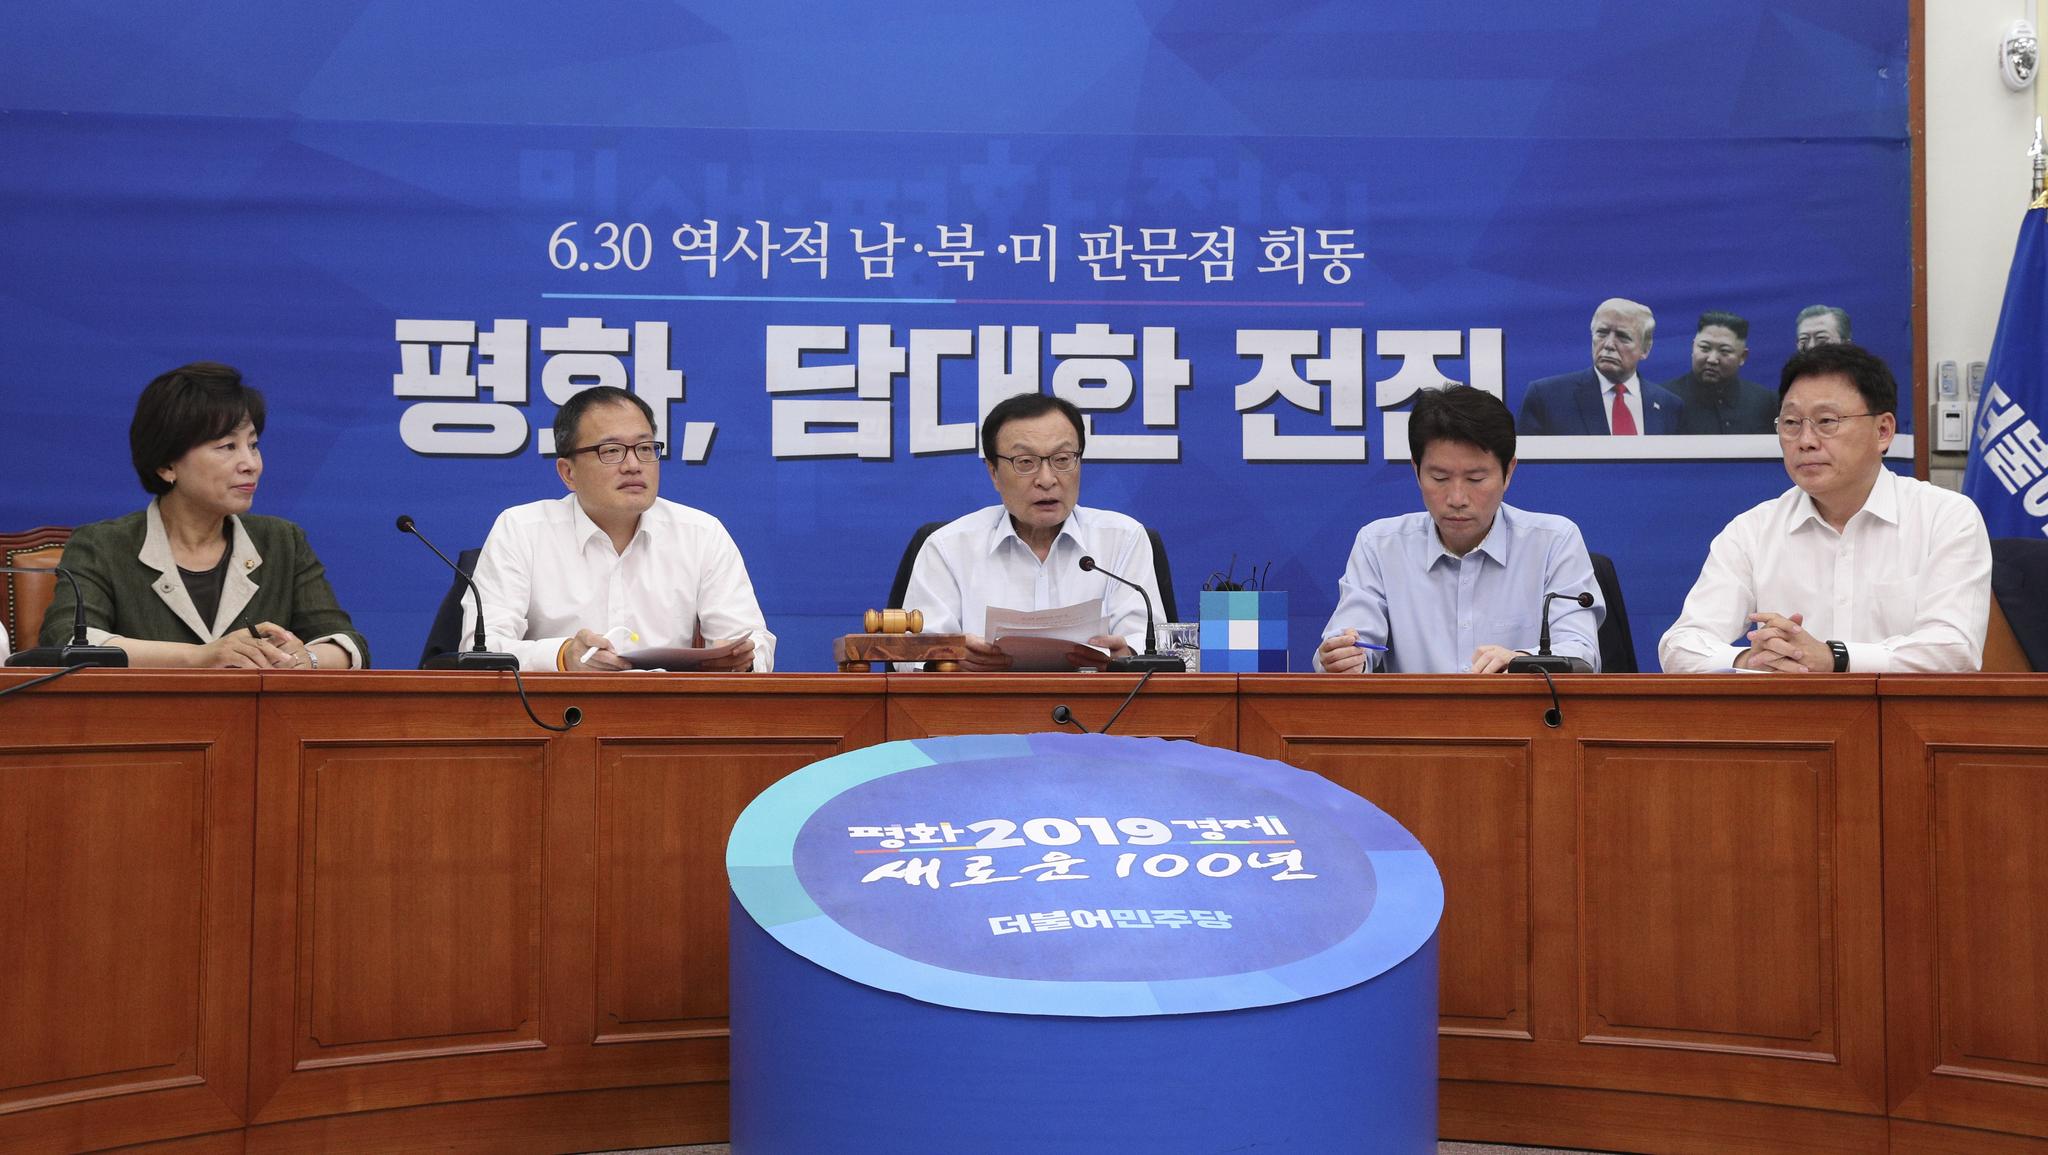 이해찬 더불어민주당 대표(오른쪽 넷째)가 1일 국회에서 열린 최고위원회의에서 발언하고 있다.  임현동 기자